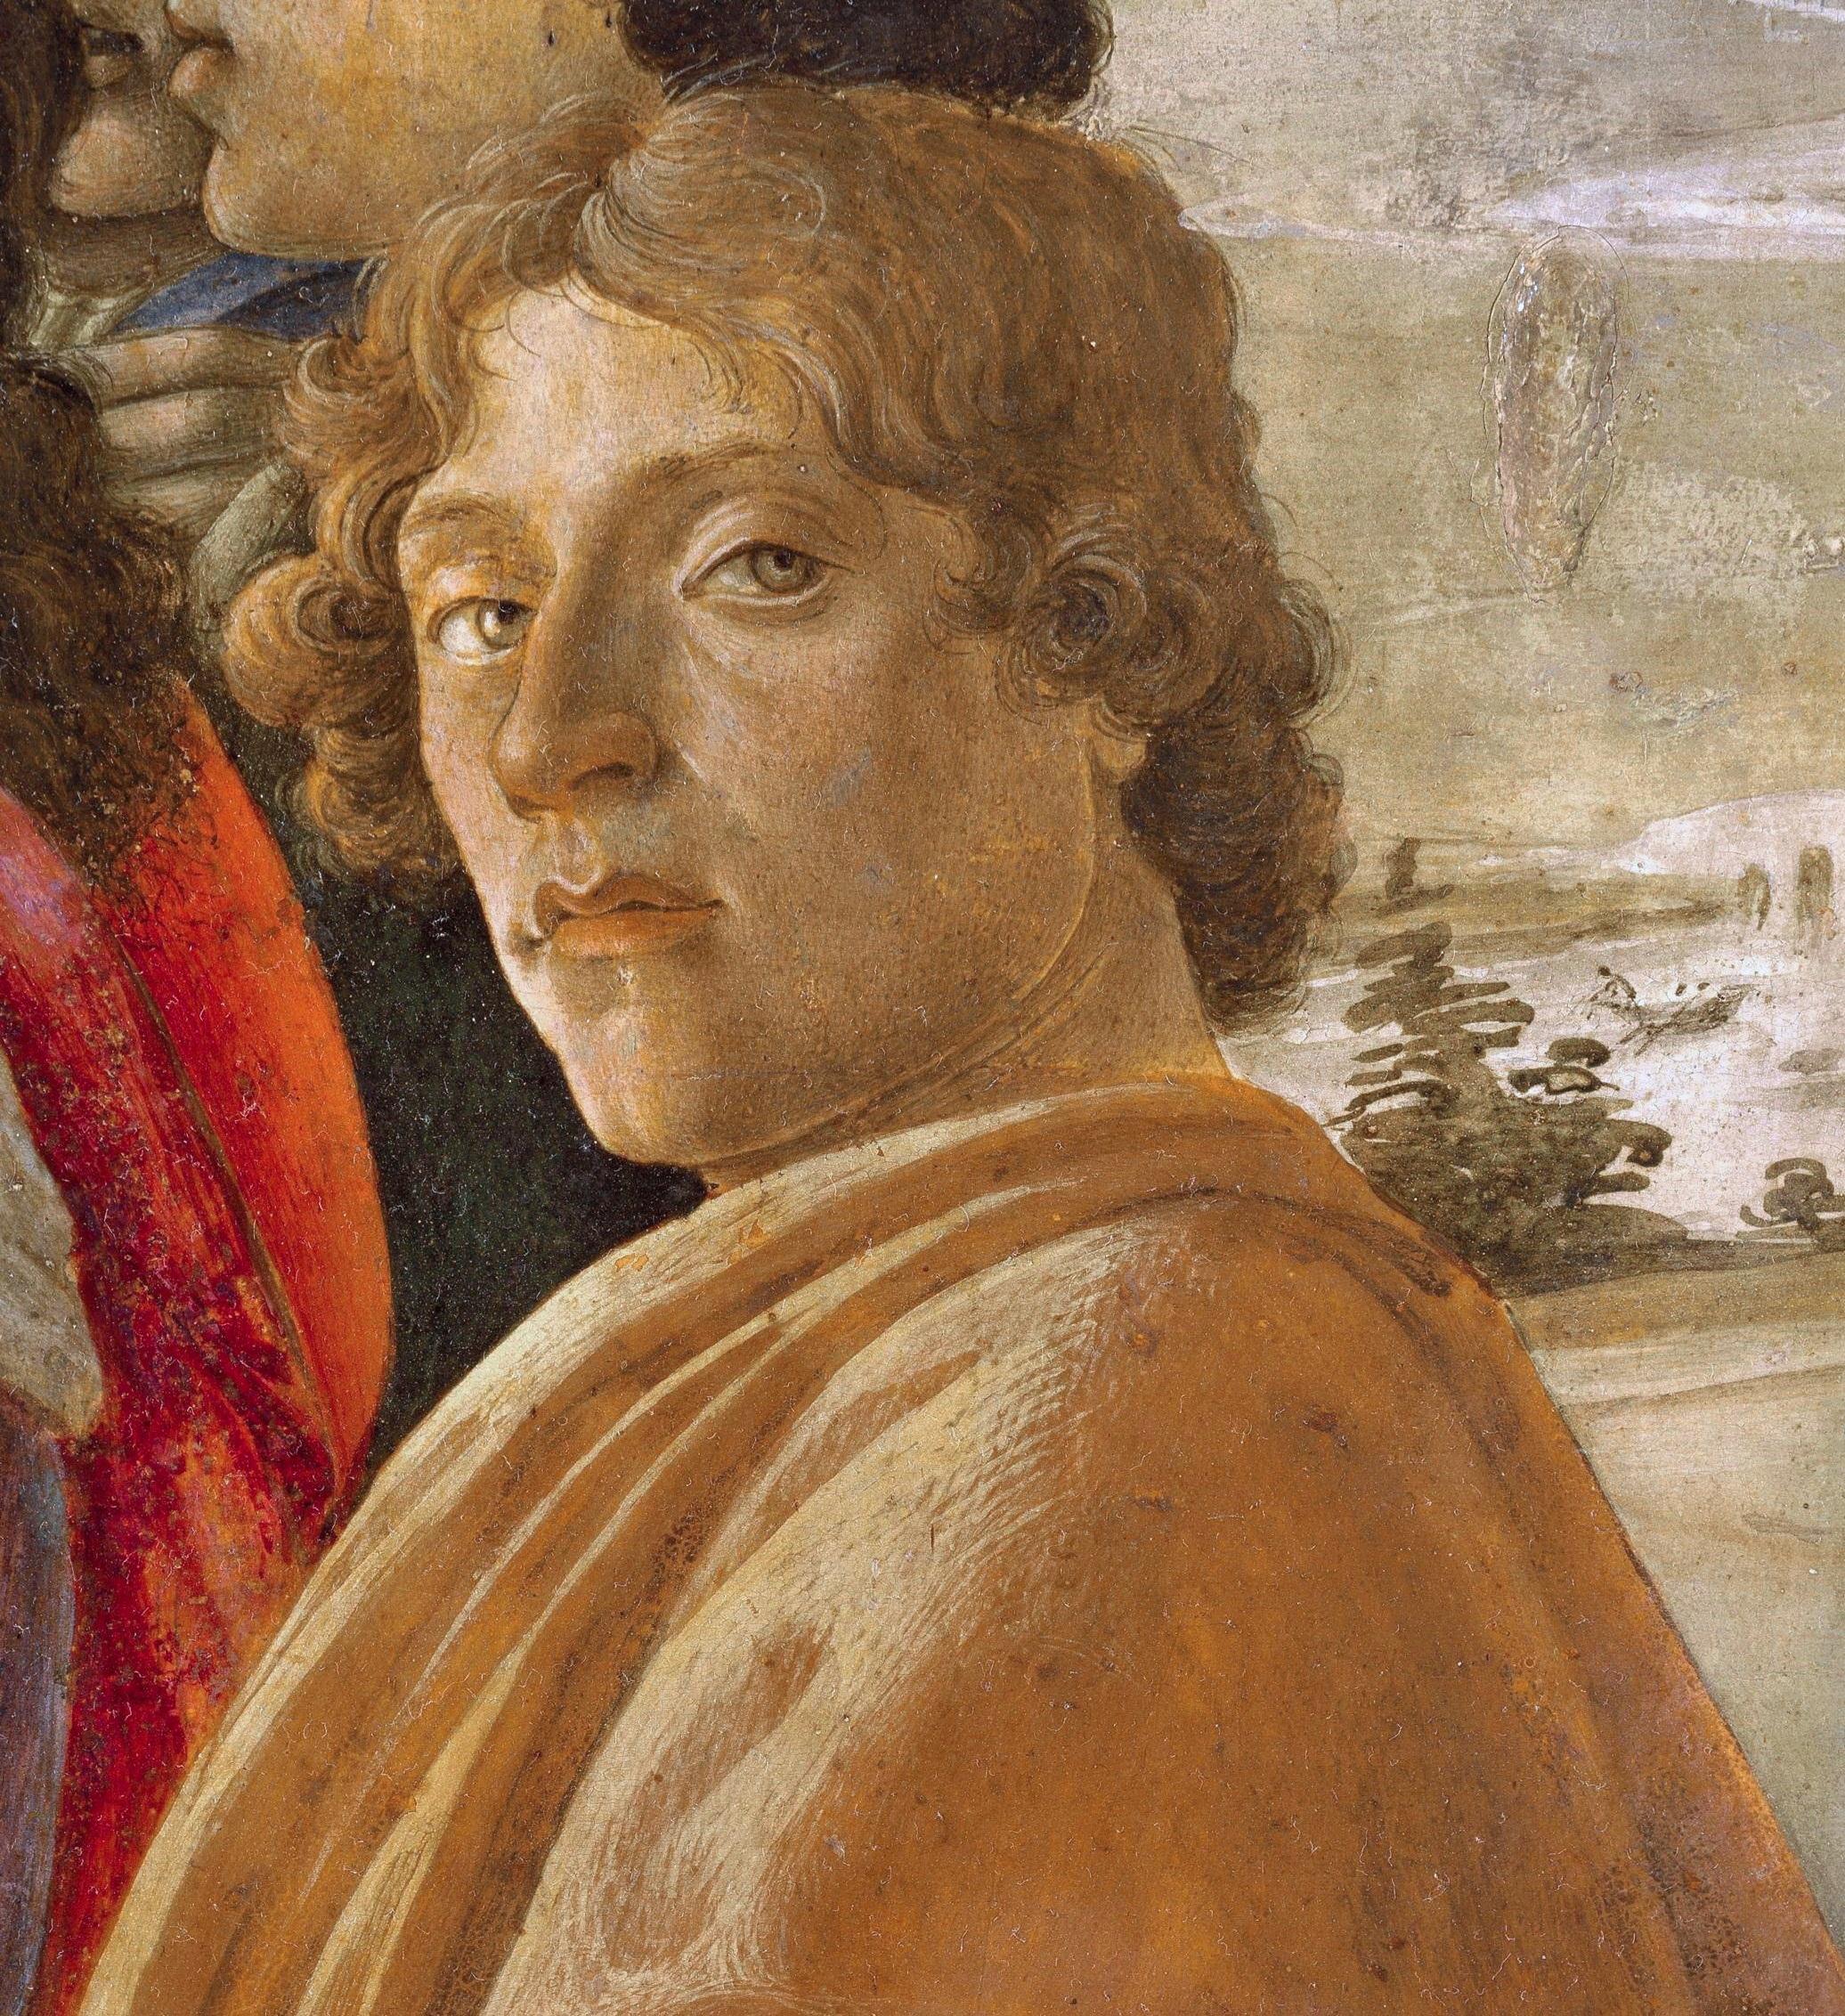 Sandro_Botticelli_083.jpg?uselang=fr